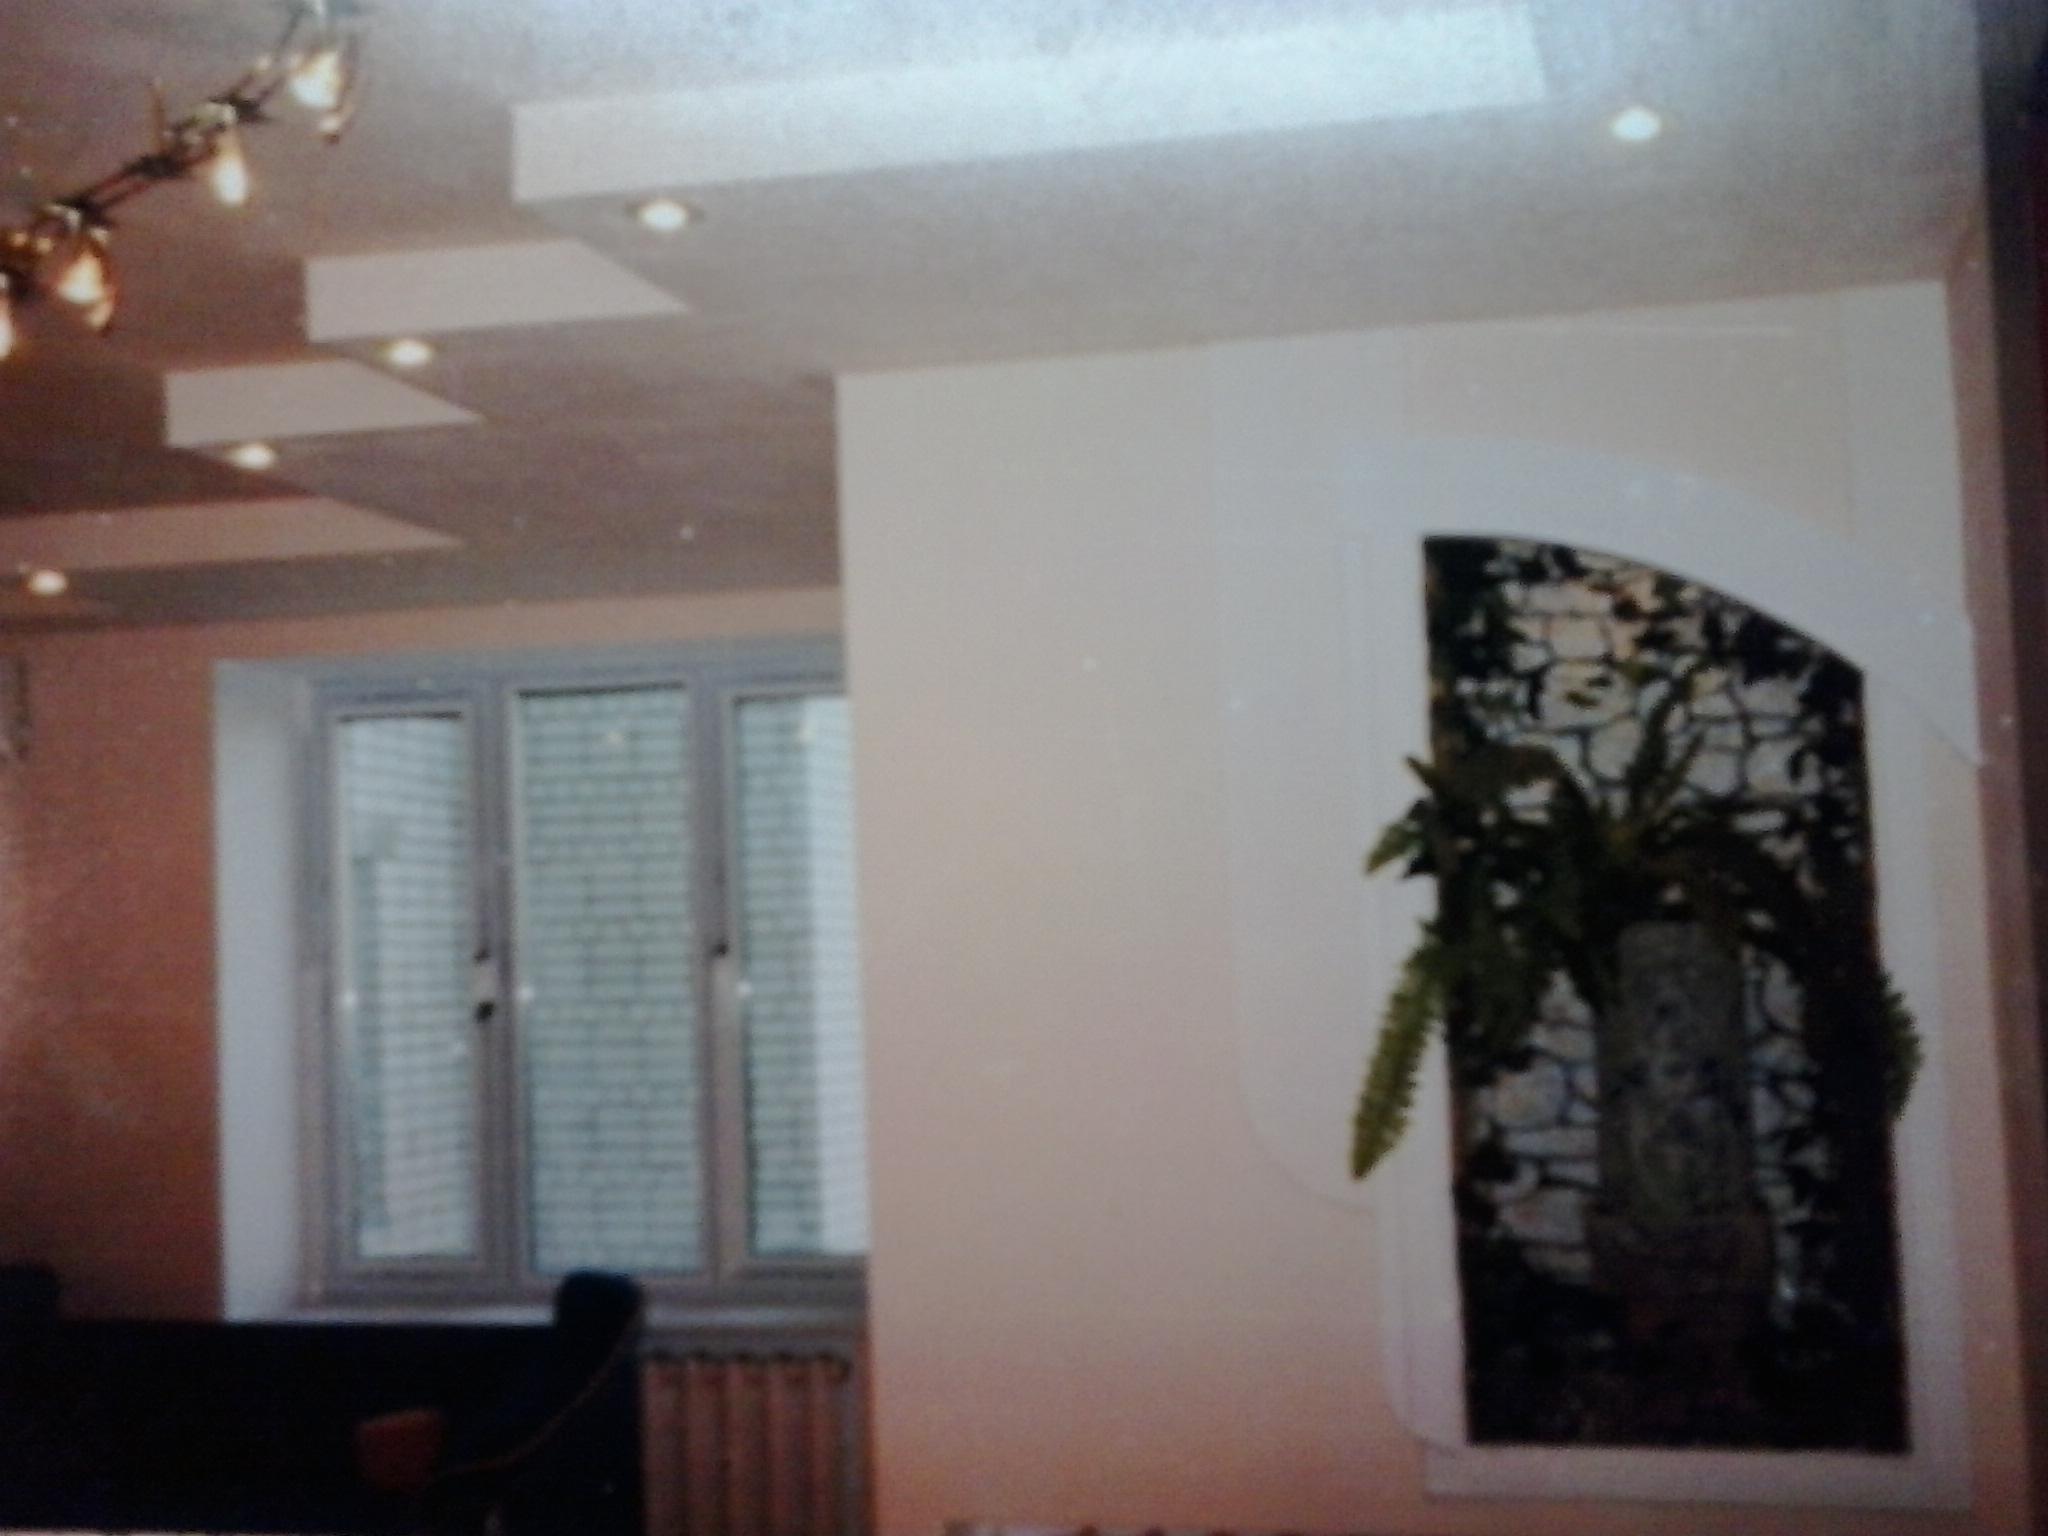 Фото Был смонтирован потолок из гипсокартона, предварительно была сделана разводка проводов для розеток, выключателей и освещения. После завершения отделочных работ были установлены светильники, выключатели и розетки.